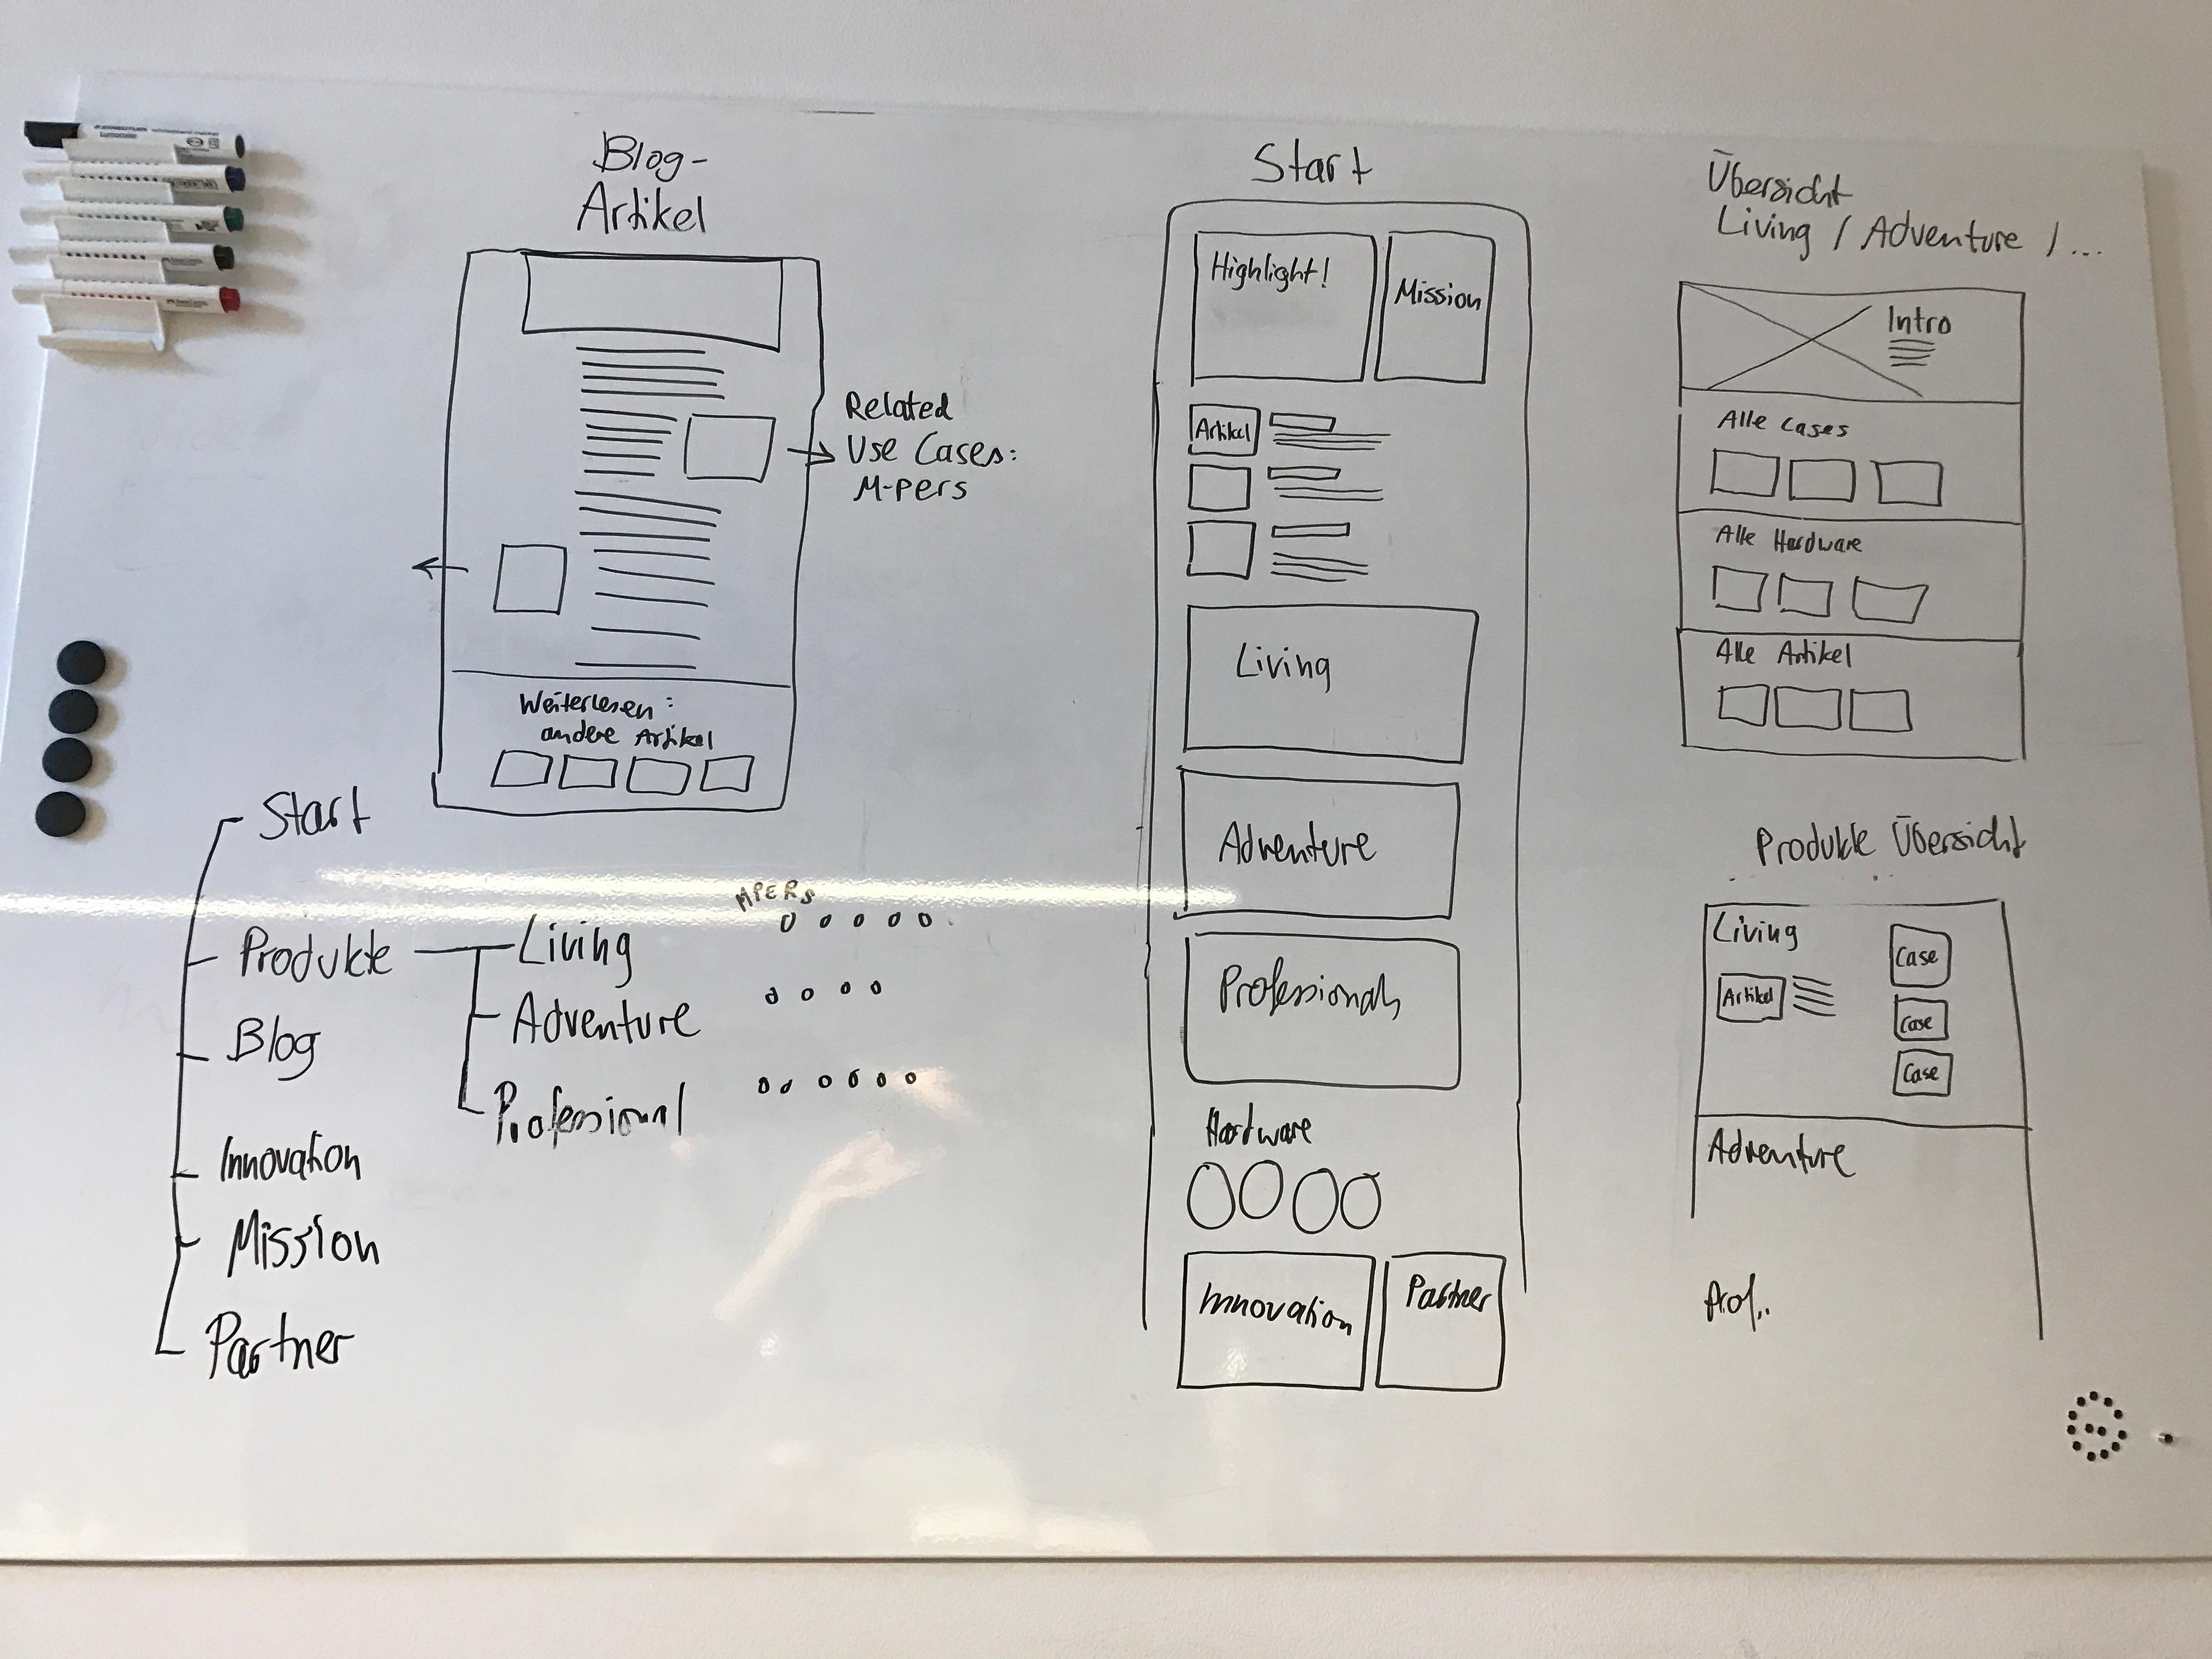 DavidStreit-Libify-Sitemap